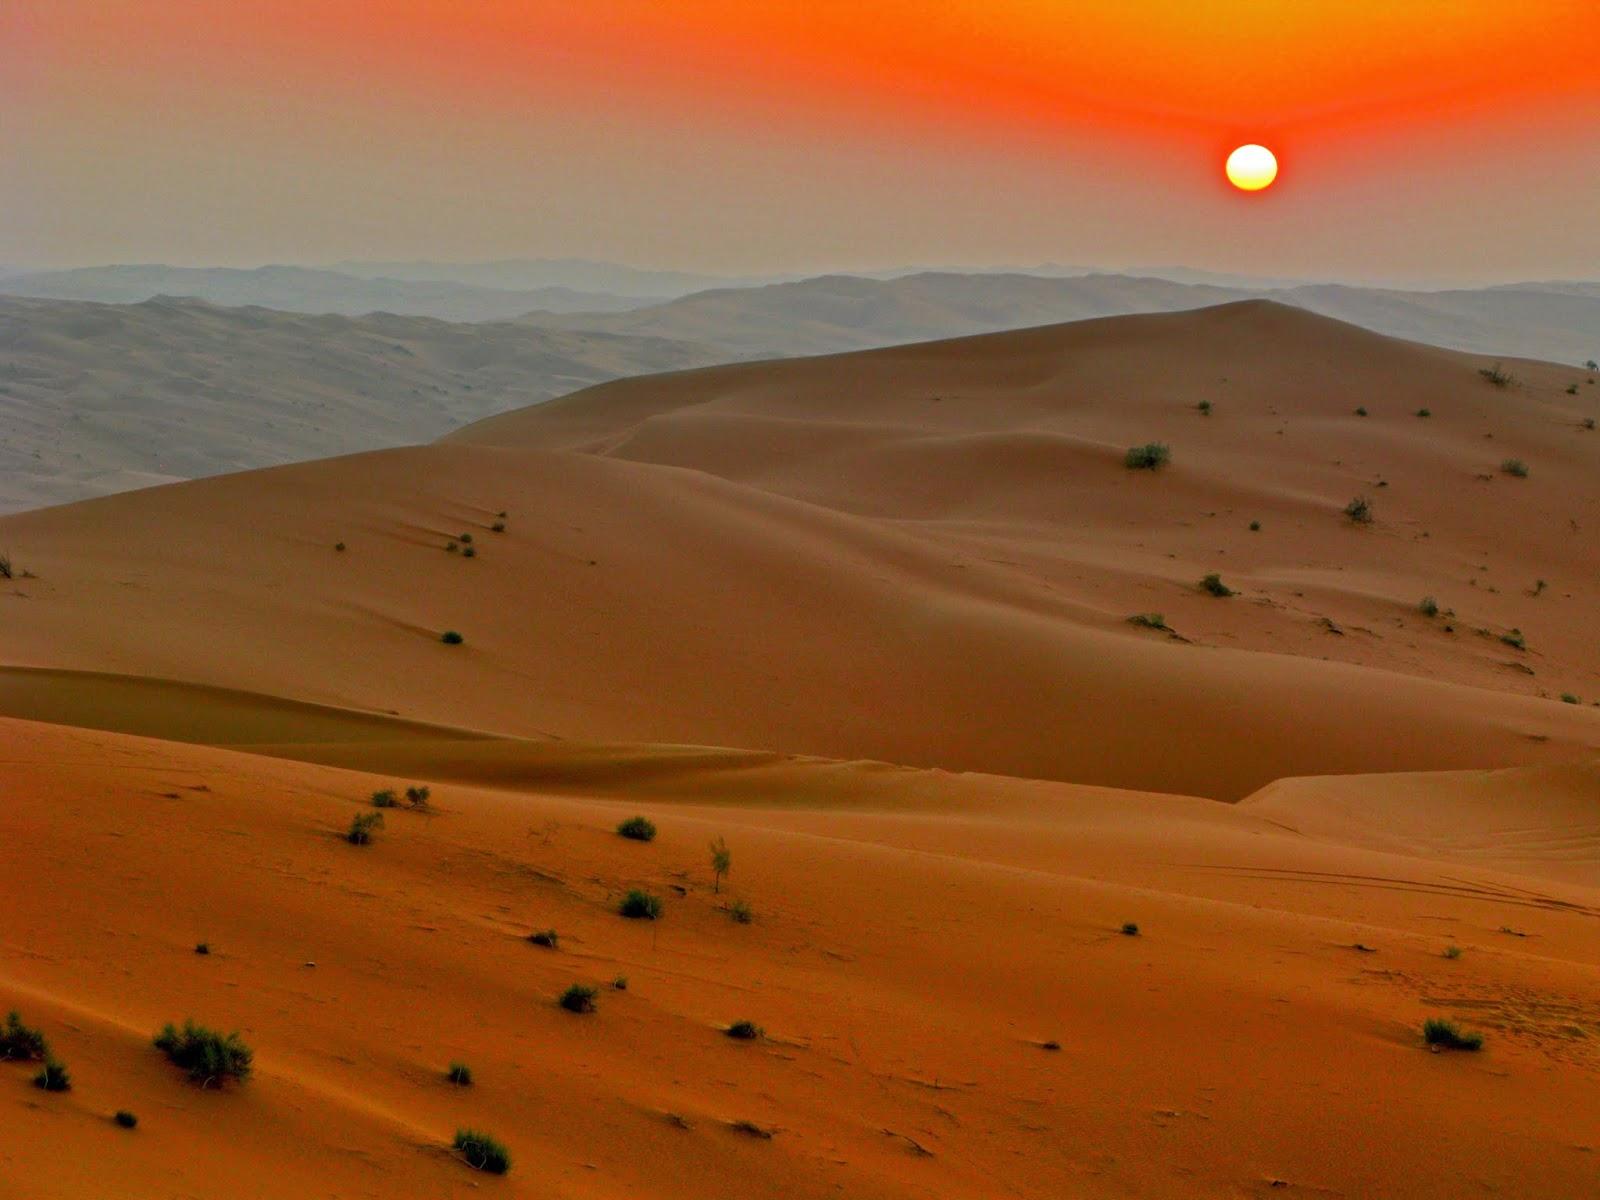 El rostro en el desierto